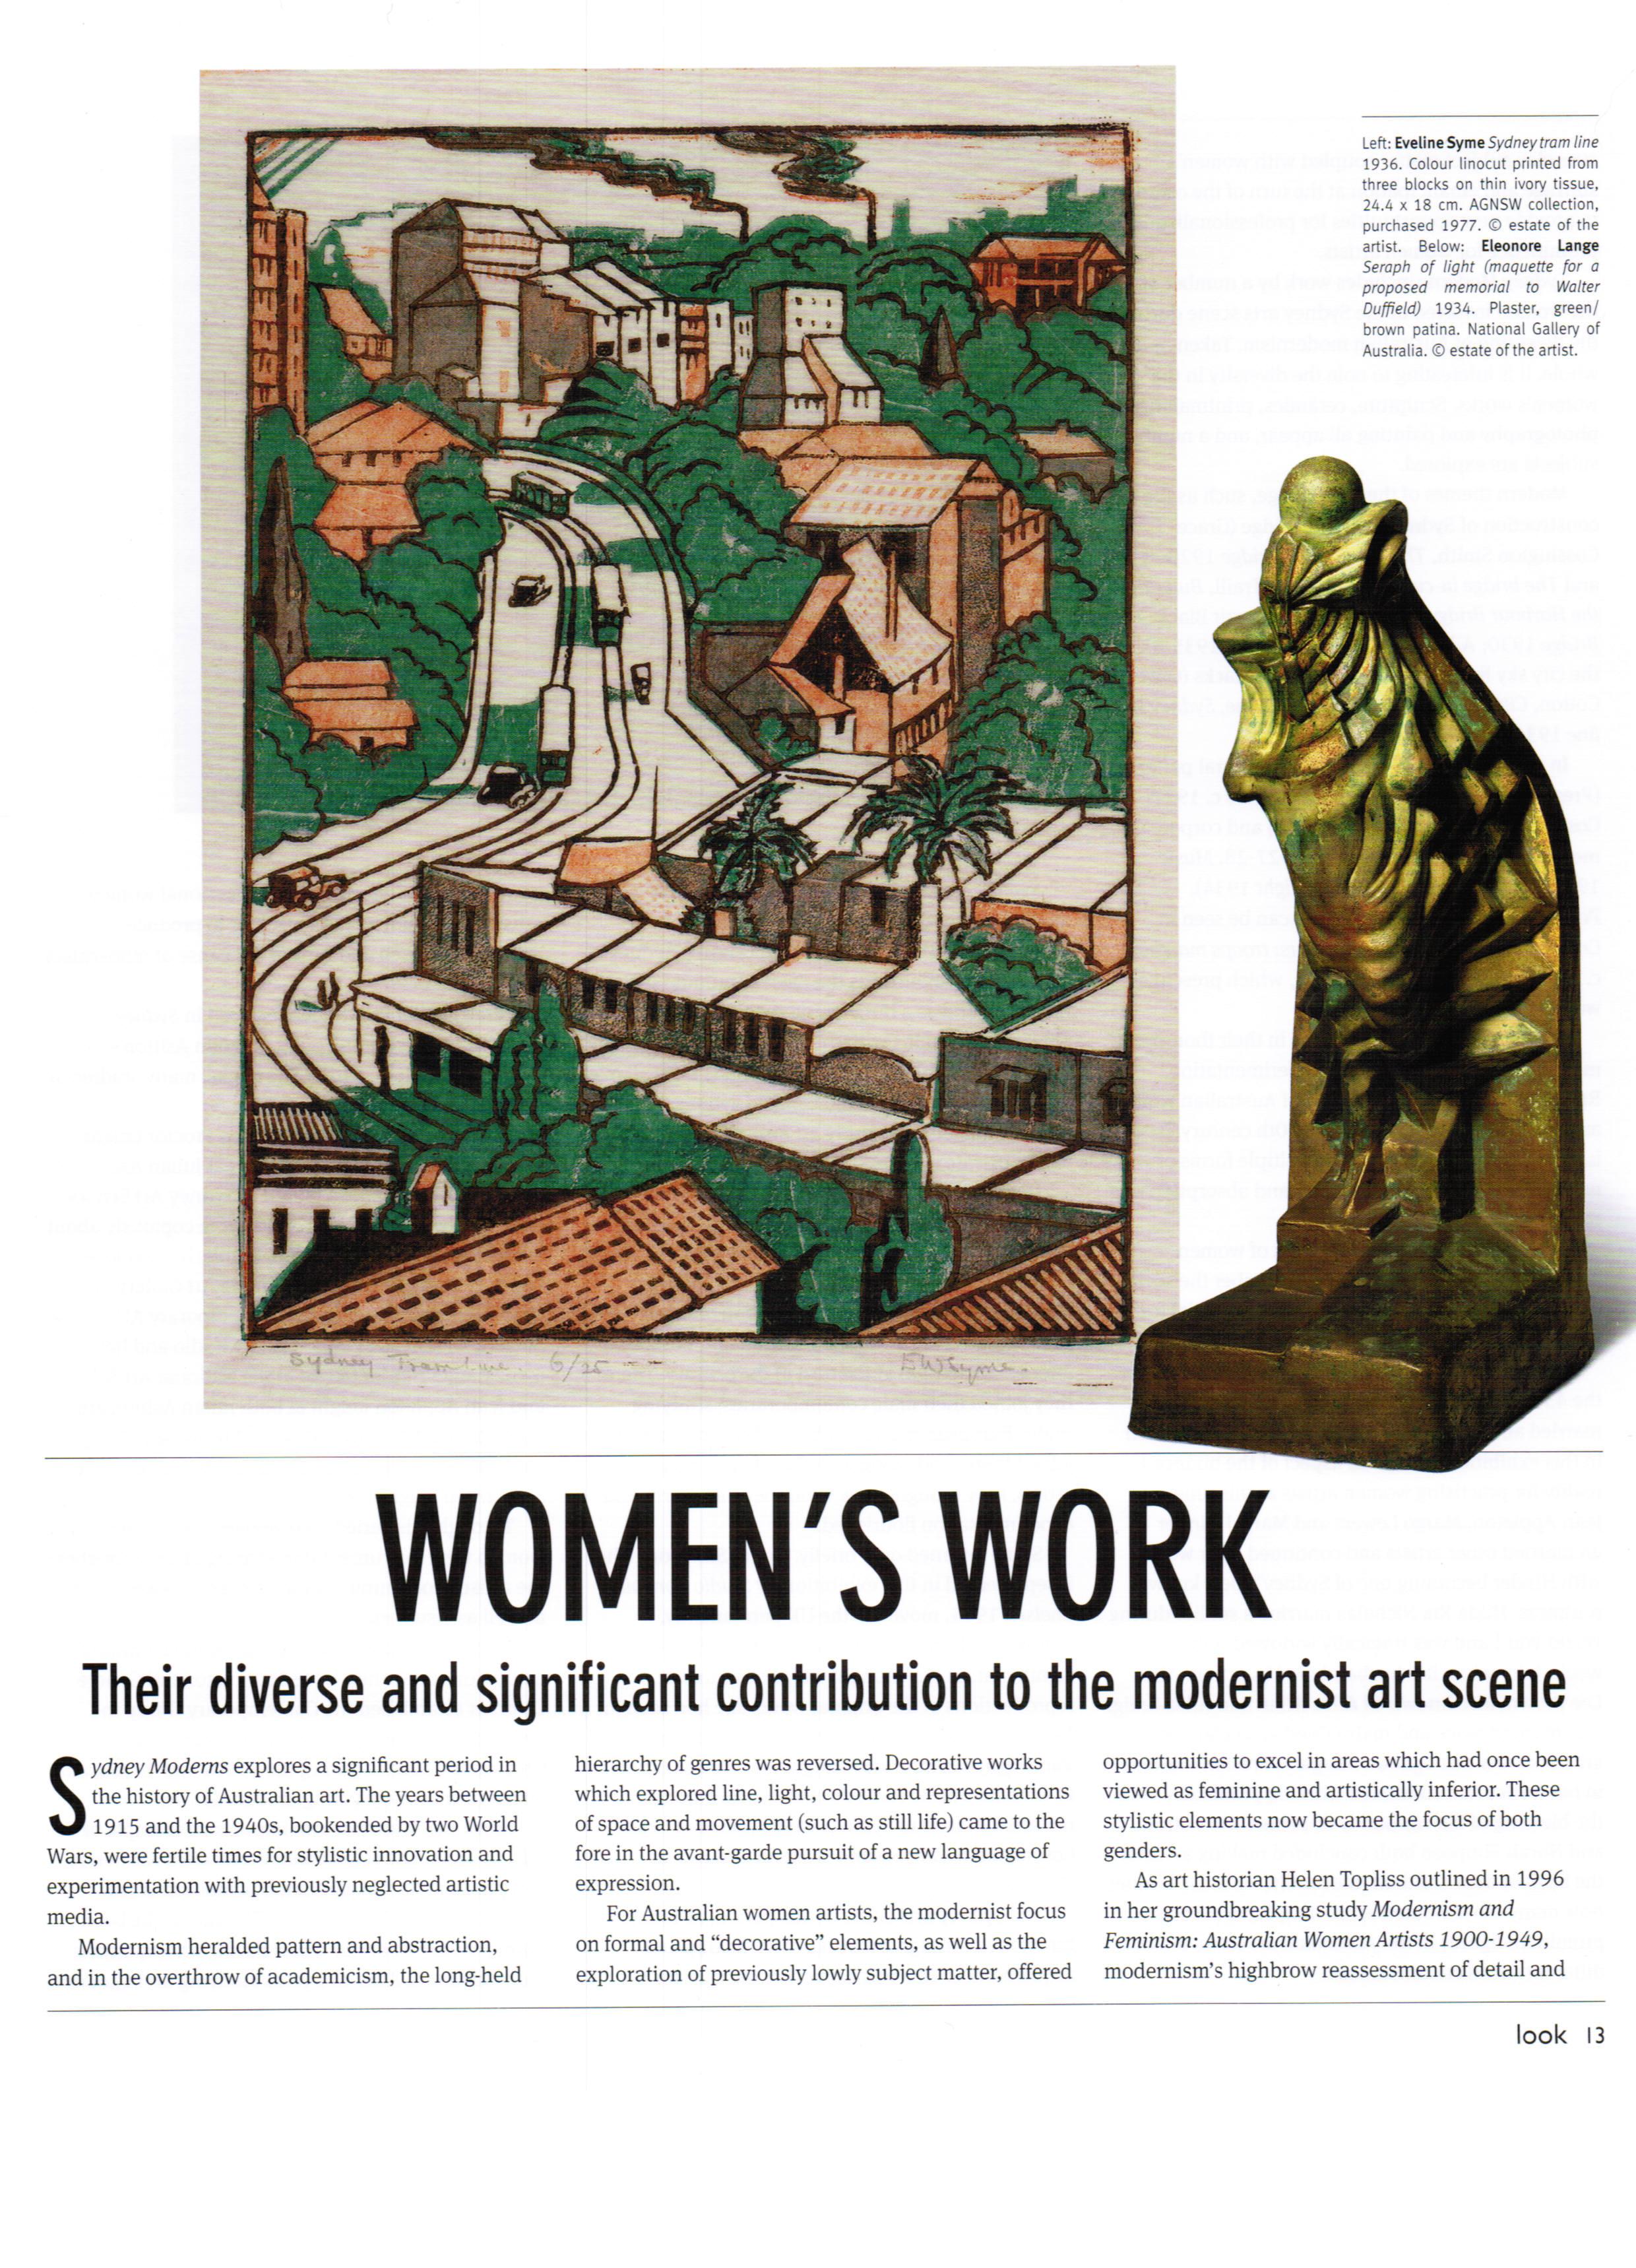 Women's Work p1 - Look August 2013